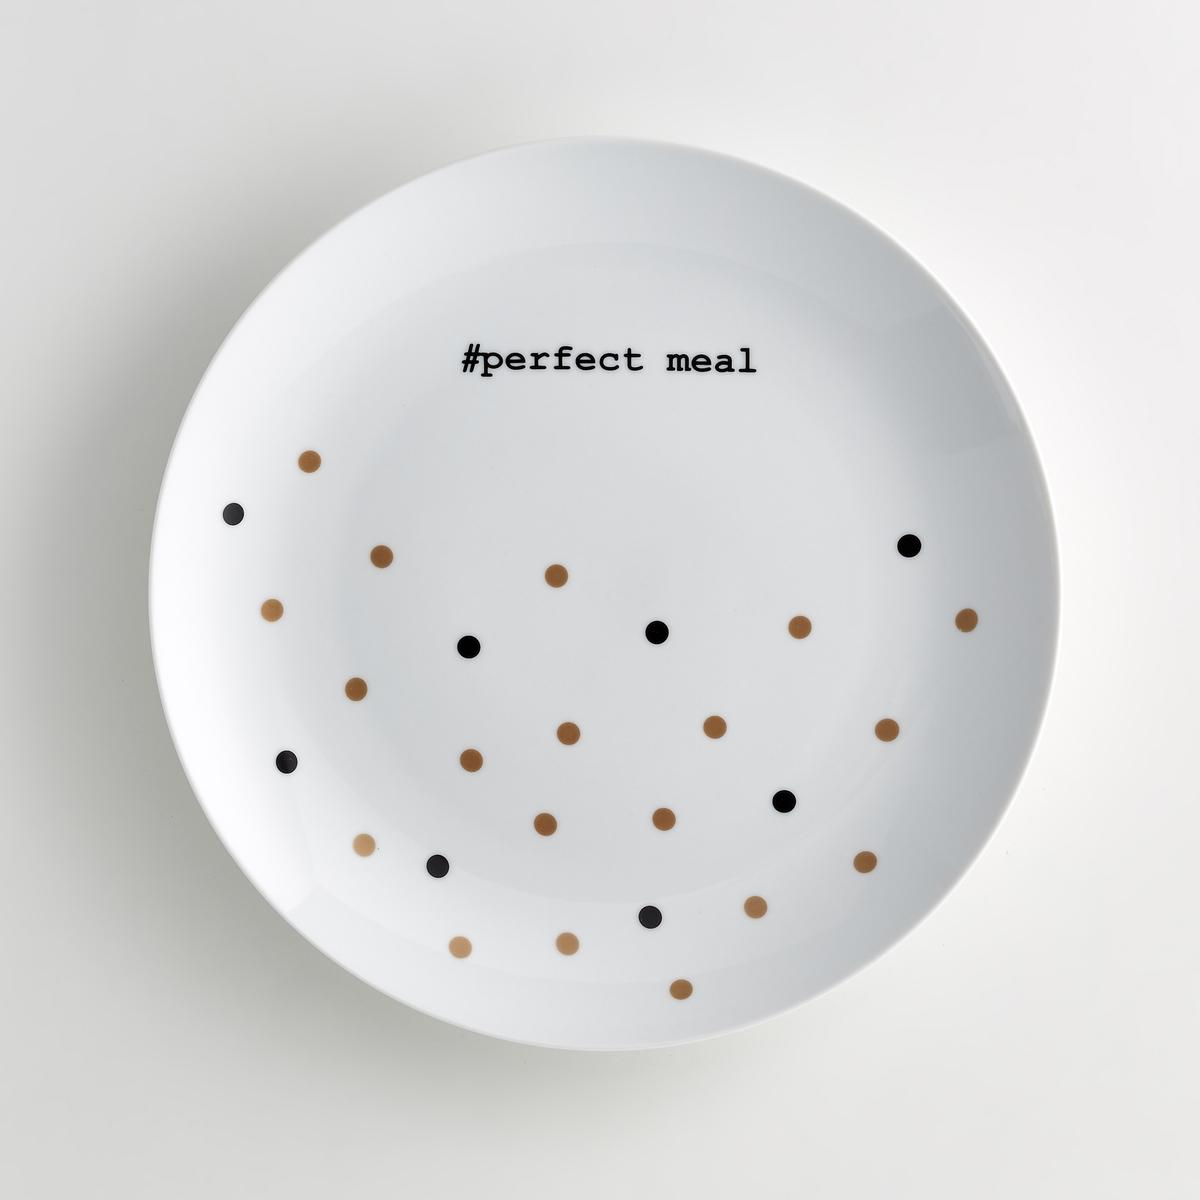 Блюдо круглое из фарфора, KublerБлюдо круглое из фарфора Kubler . Рисунок в горошек черного и золотистого цвета с надписью #perfect meal черного цвета в ярком праздничном исполнении . Сочетается с тарелками из той же коллекции . Характеристики блюда из фарфора Kubler :- Блюдо круглое из фарфора  - Диаметр : 30 см - Подходят для посудомоечной машиныНайдите комплект посуды из фарфора Kubler<br><br>Цвет: черный/золотистый